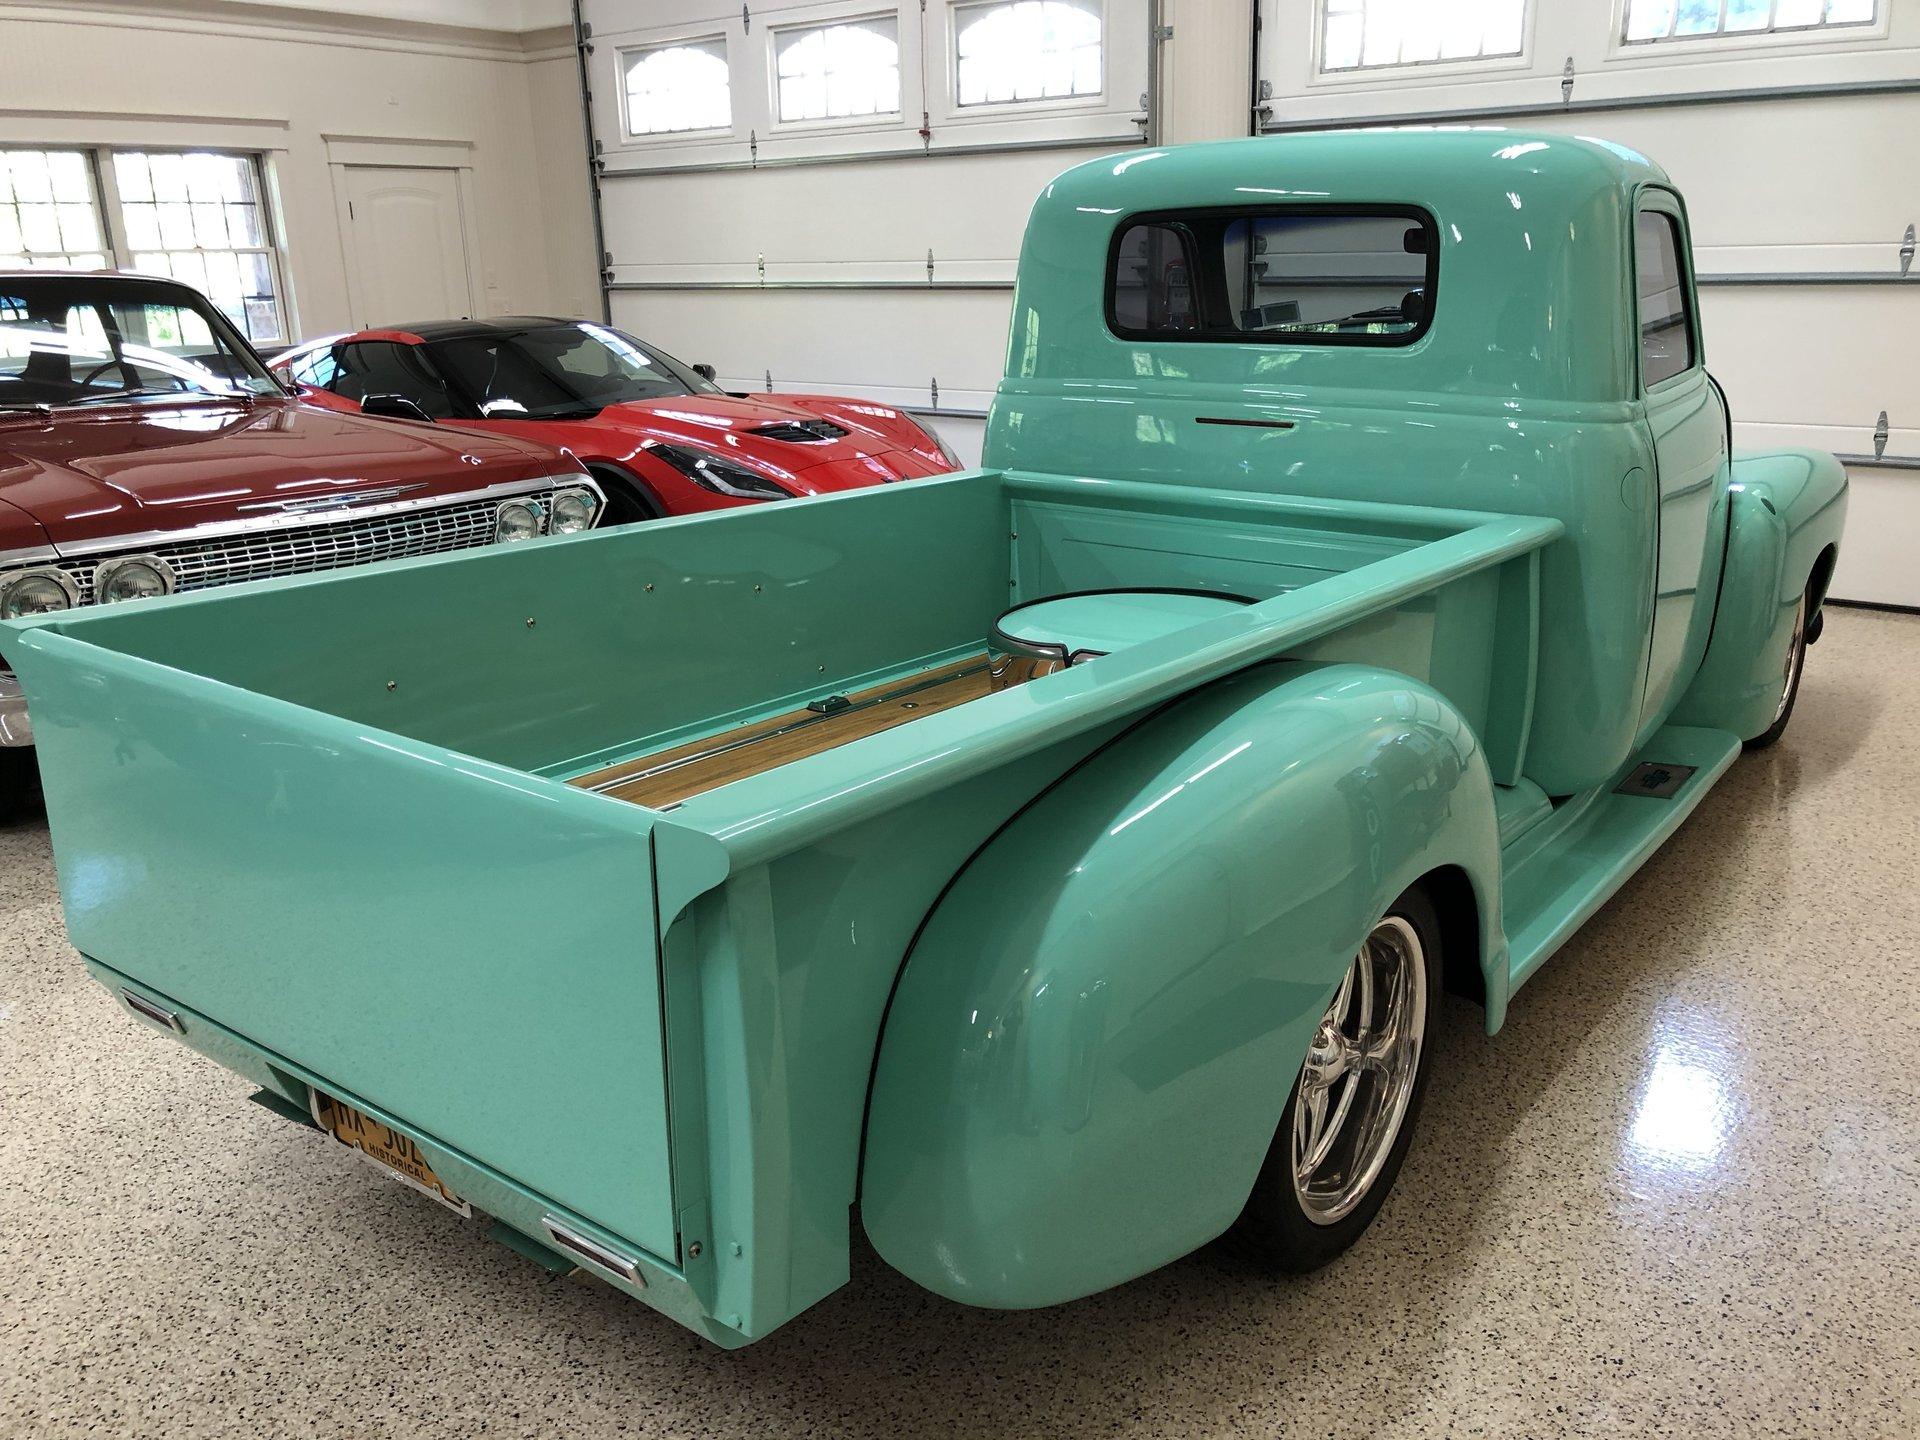 1954 Chevrolet 1 2 Ton Pickup Saratoga Auto Auction Truck Paint Colors